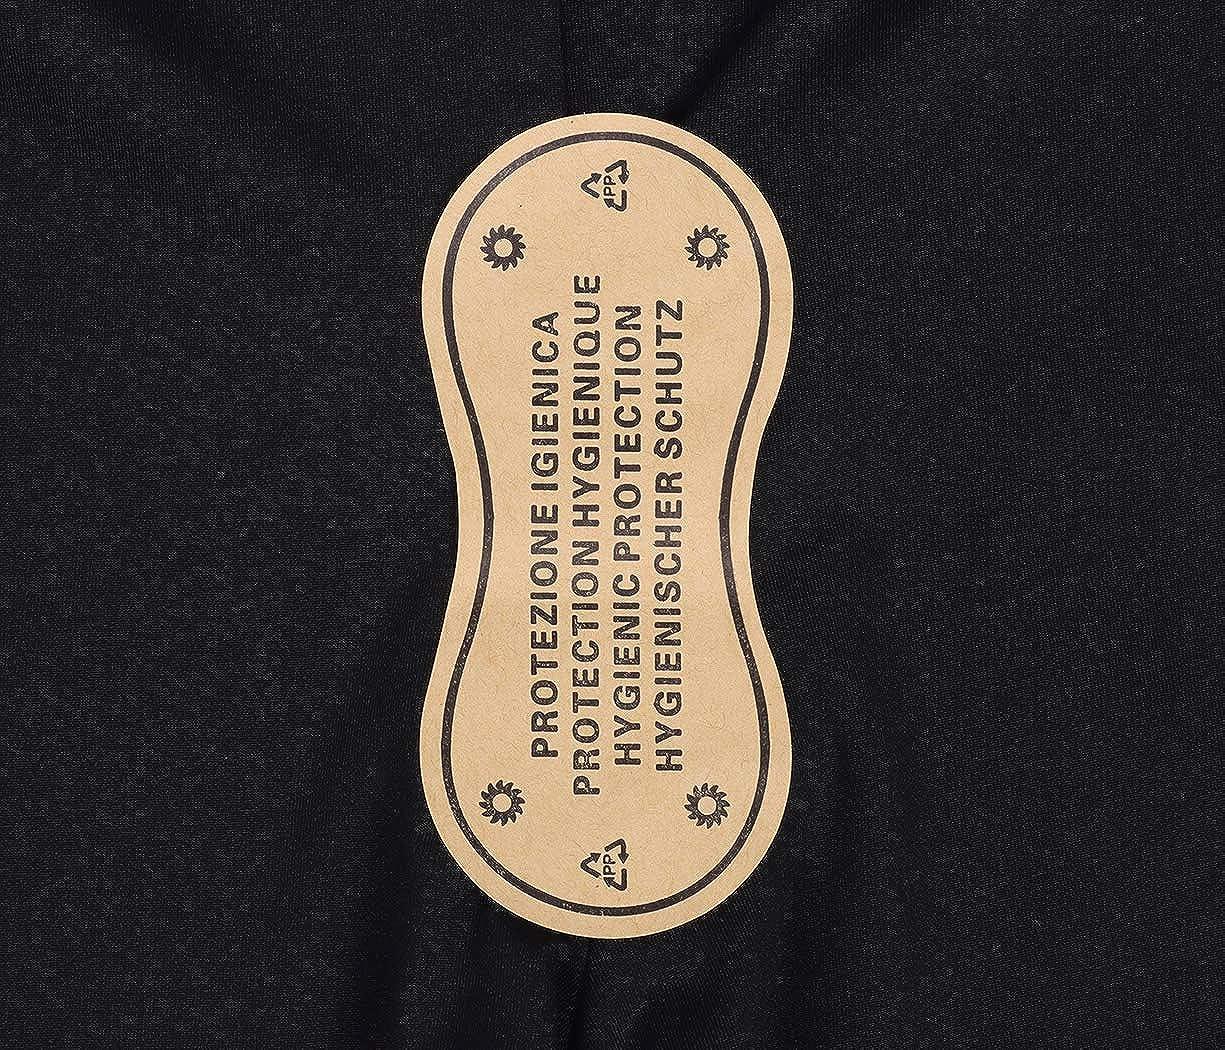 AmzBarley Mère et Fille Maillot de Bain Deux Pièces Ensembles Tankini Femme Parent Enfant Costumes de Natation Vintage Haut Taille Haute Bikinis Noir 337-02